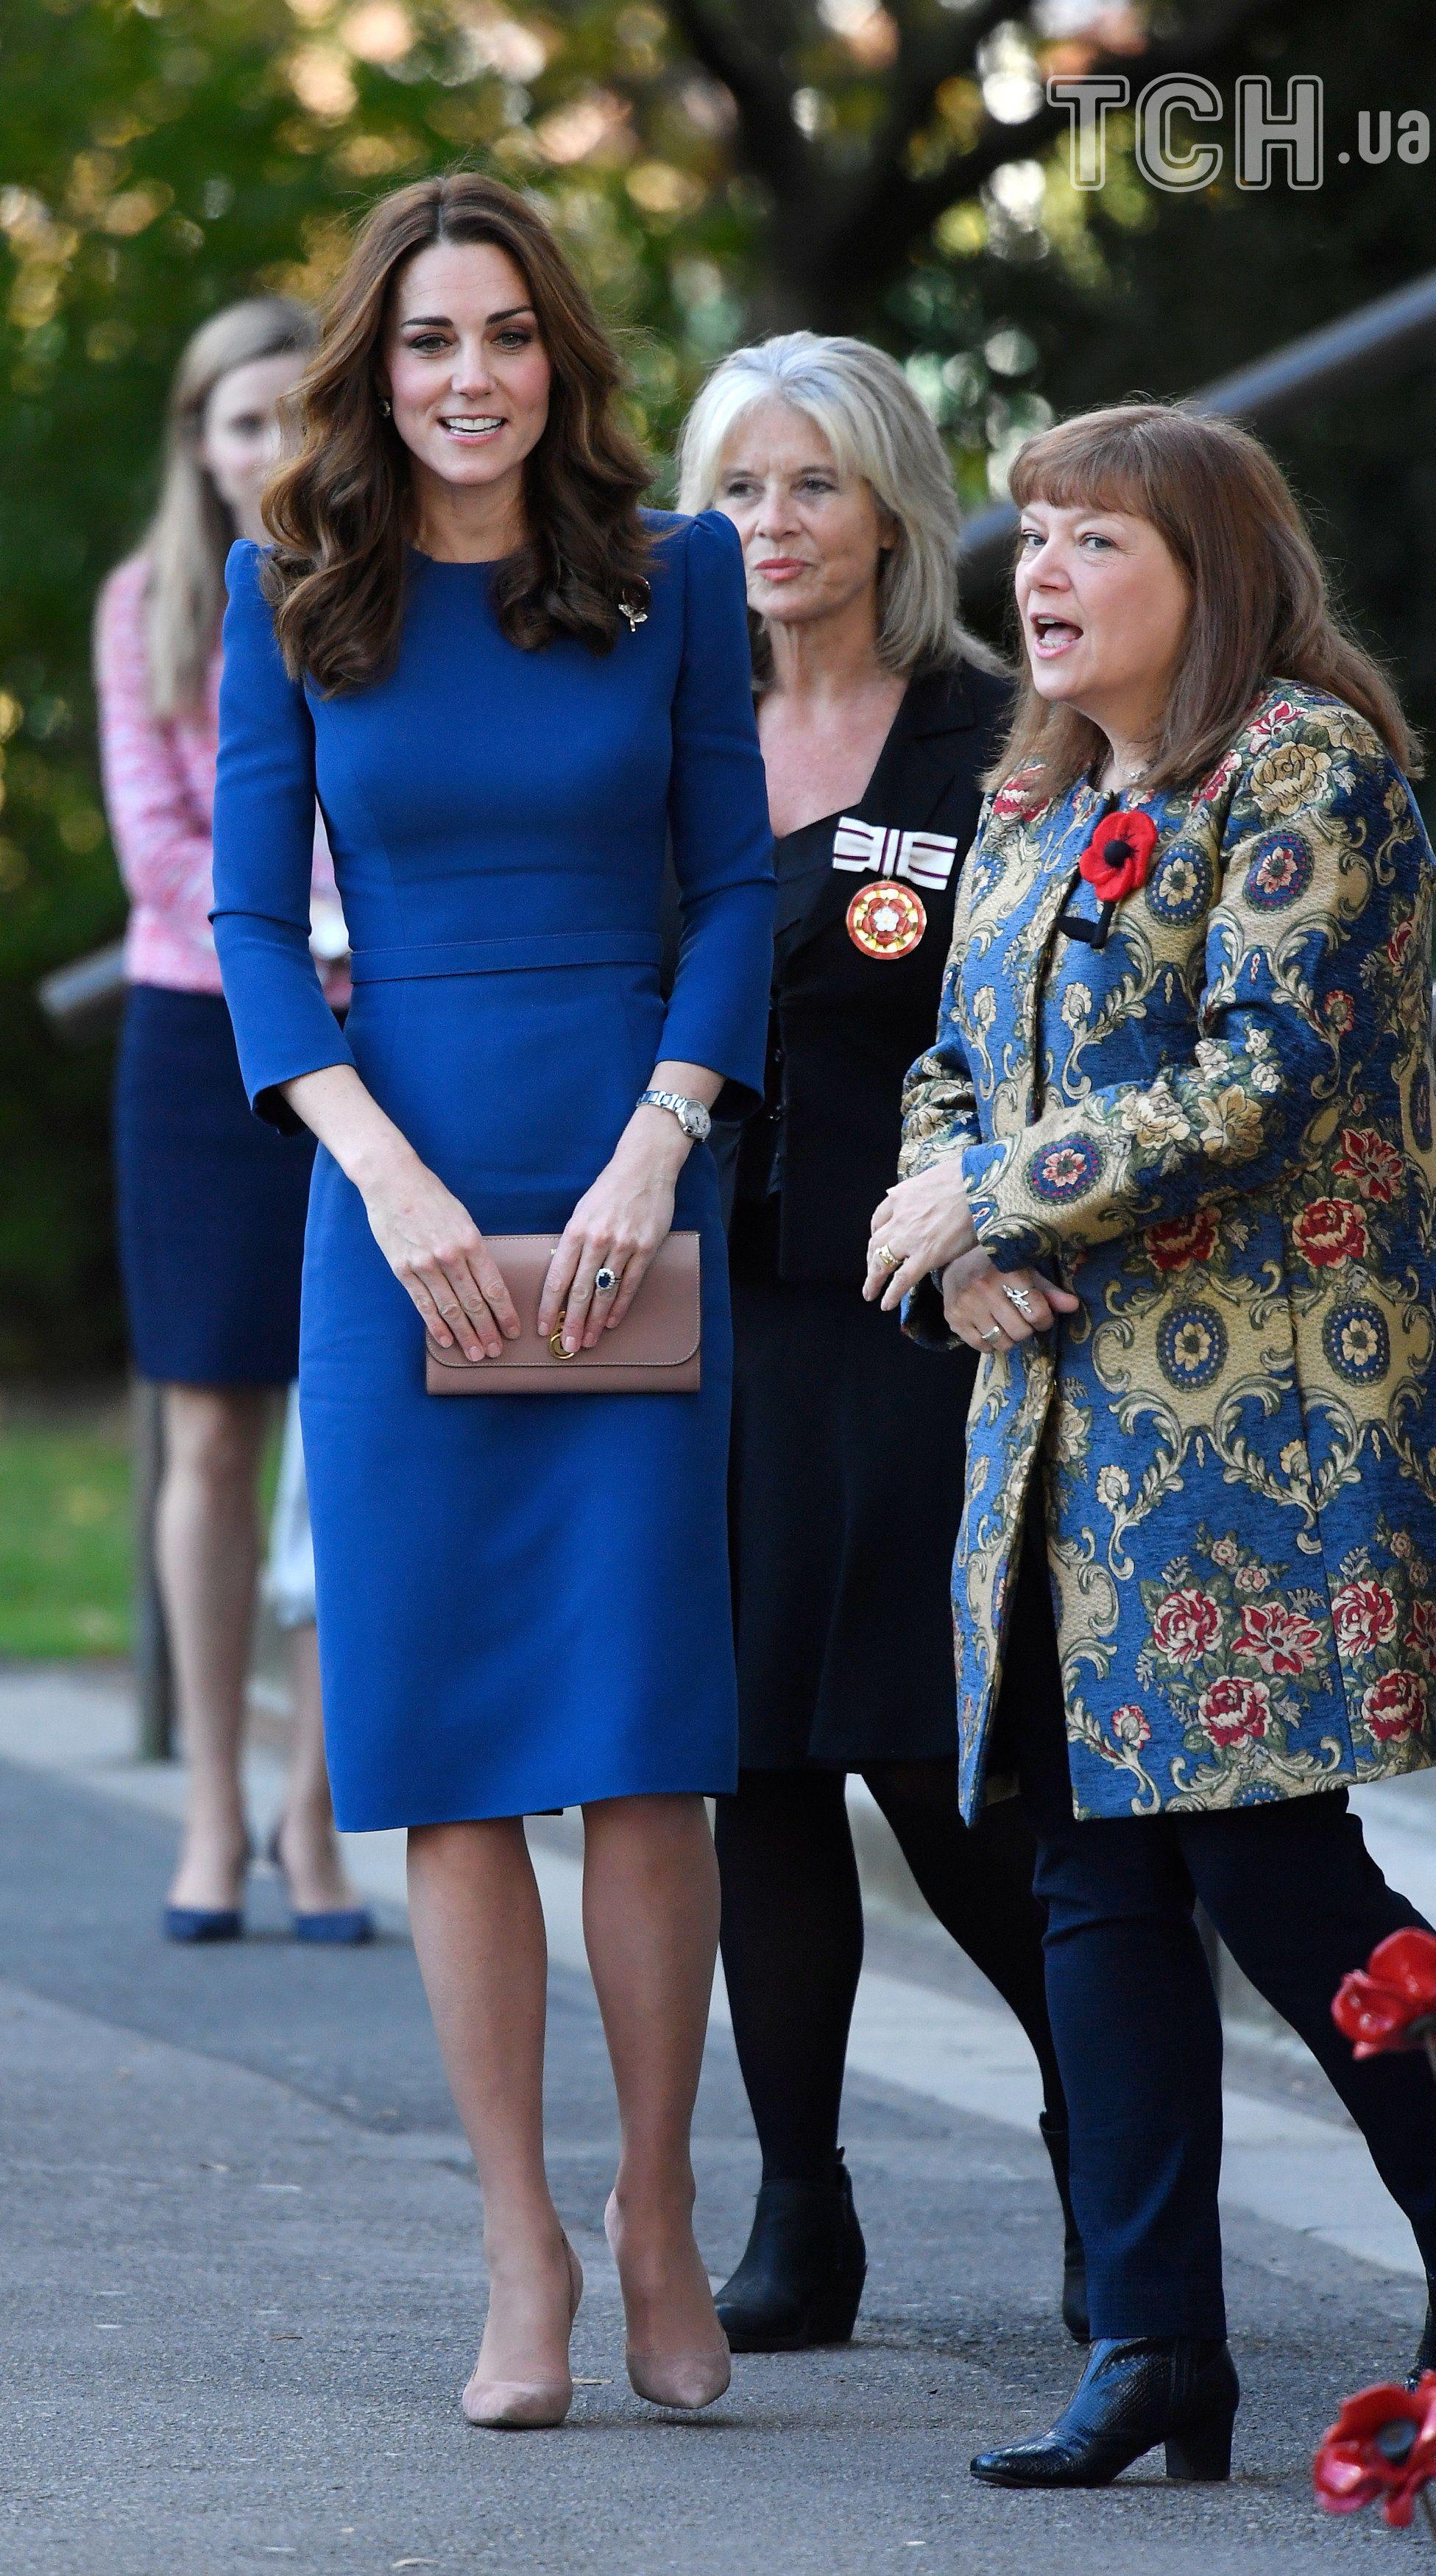 Новости о принце уильяме и кейт миддлтон фото